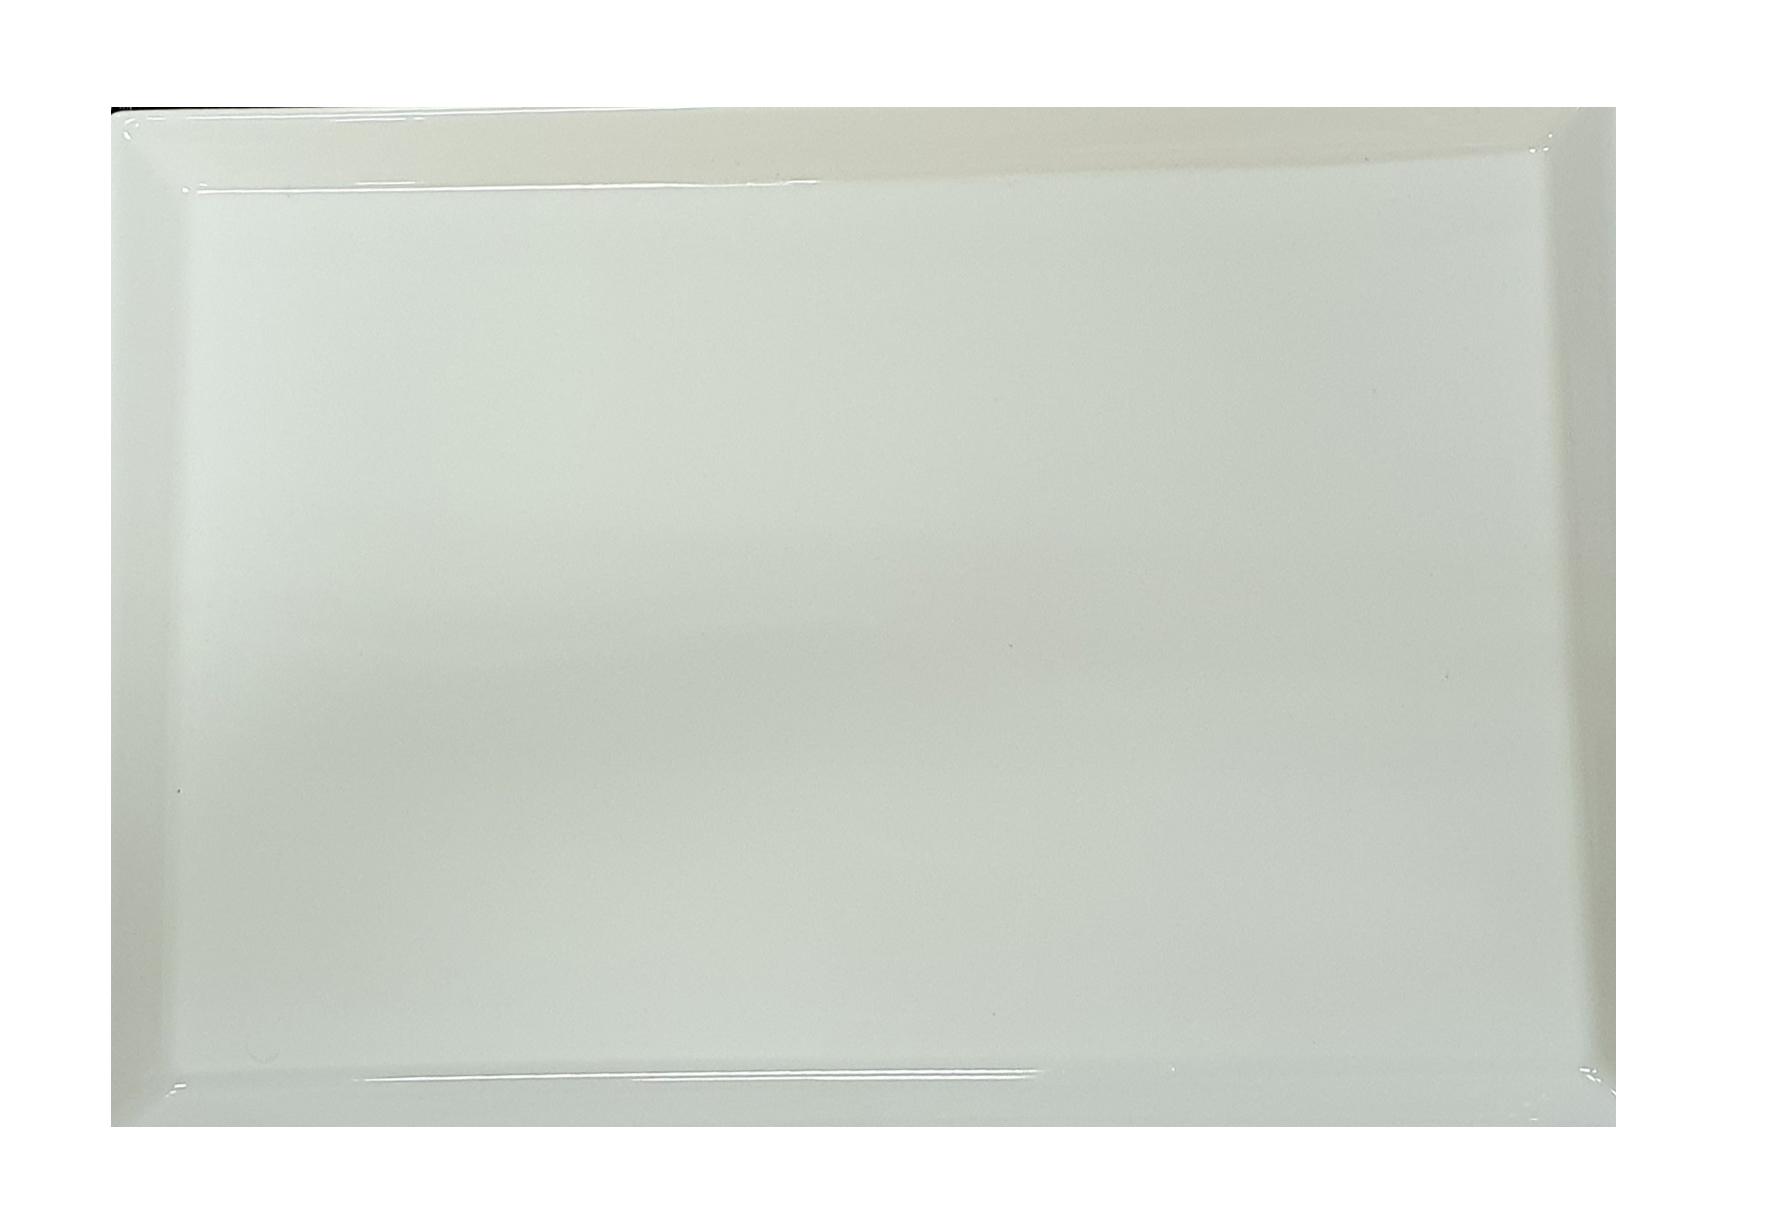 Rect tray12½x8 5/8